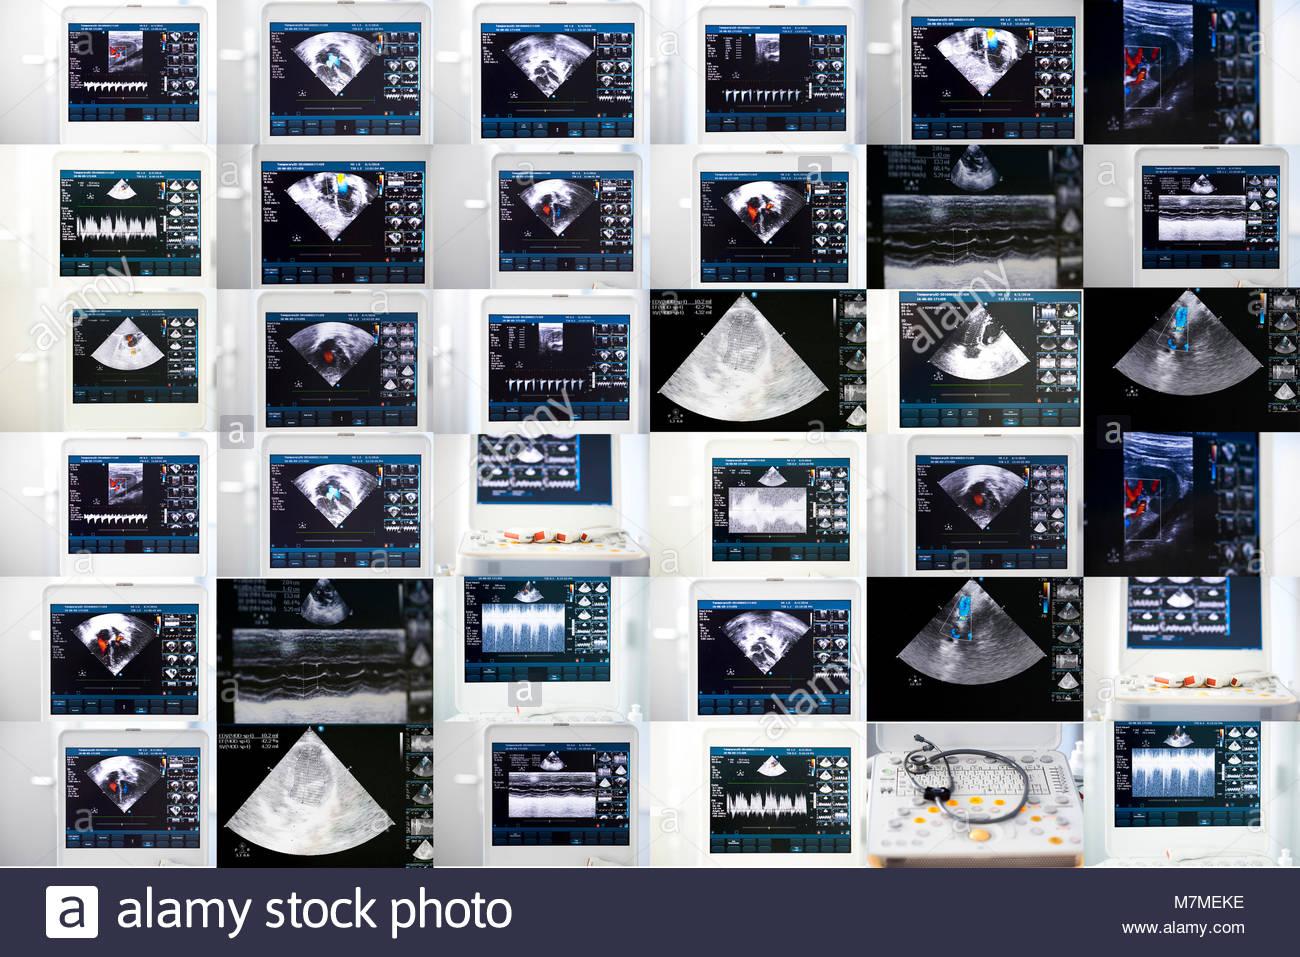 eine collage aus bildern von der ultraschall bildschirm mit dem herzen zu studieren stockfoto. Black Bedroom Furniture Sets. Home Design Ideas